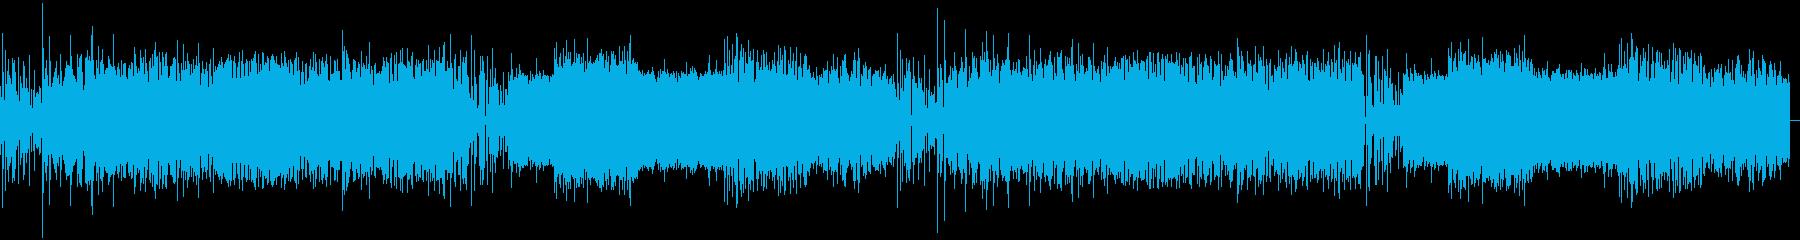 軽快な感じのエレクトロの再生済みの波形